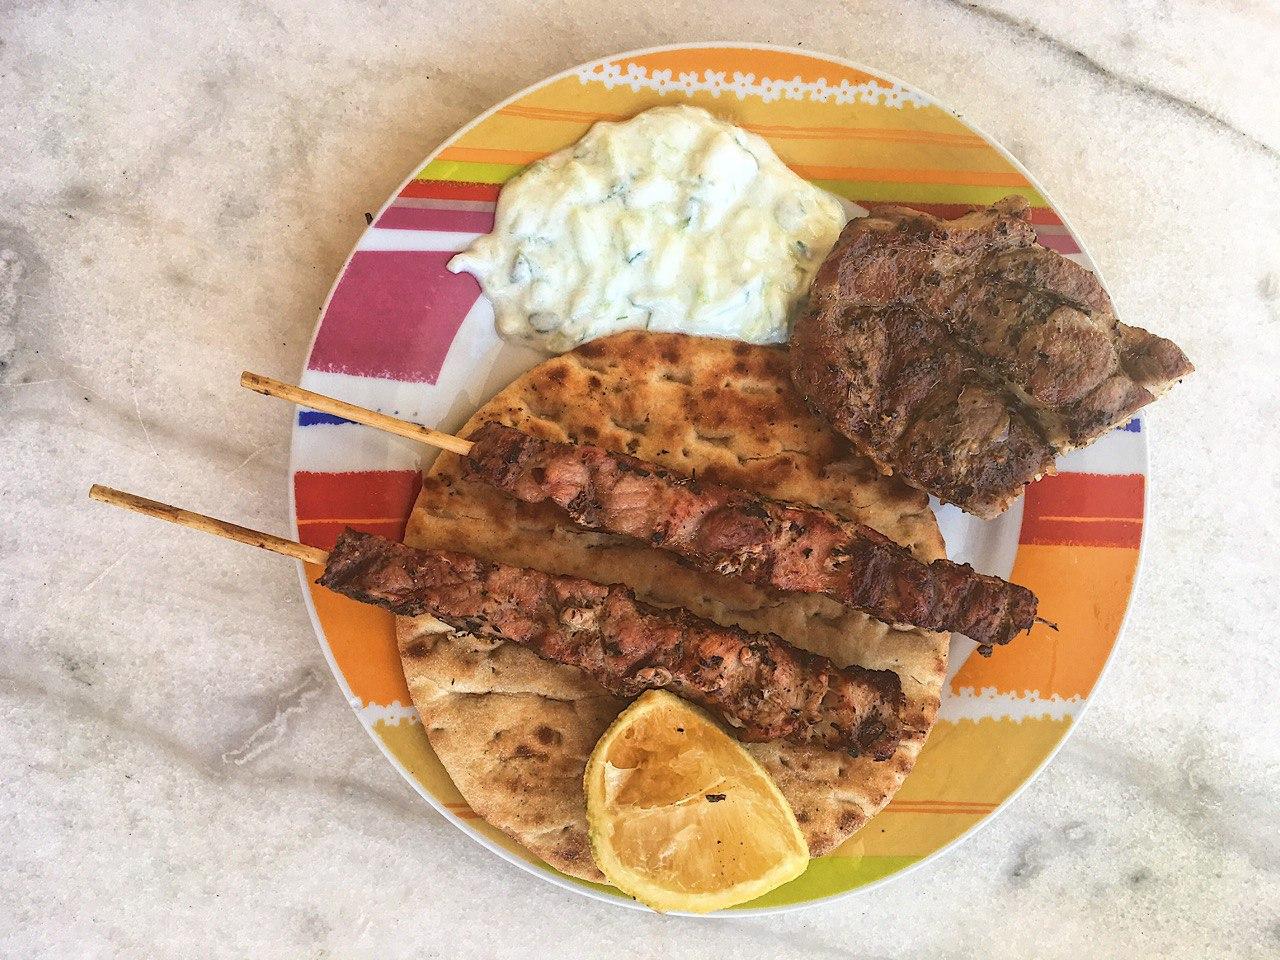 Записки с Корфу: Греческая диета и традиции гастрономической культуры-Фото 2